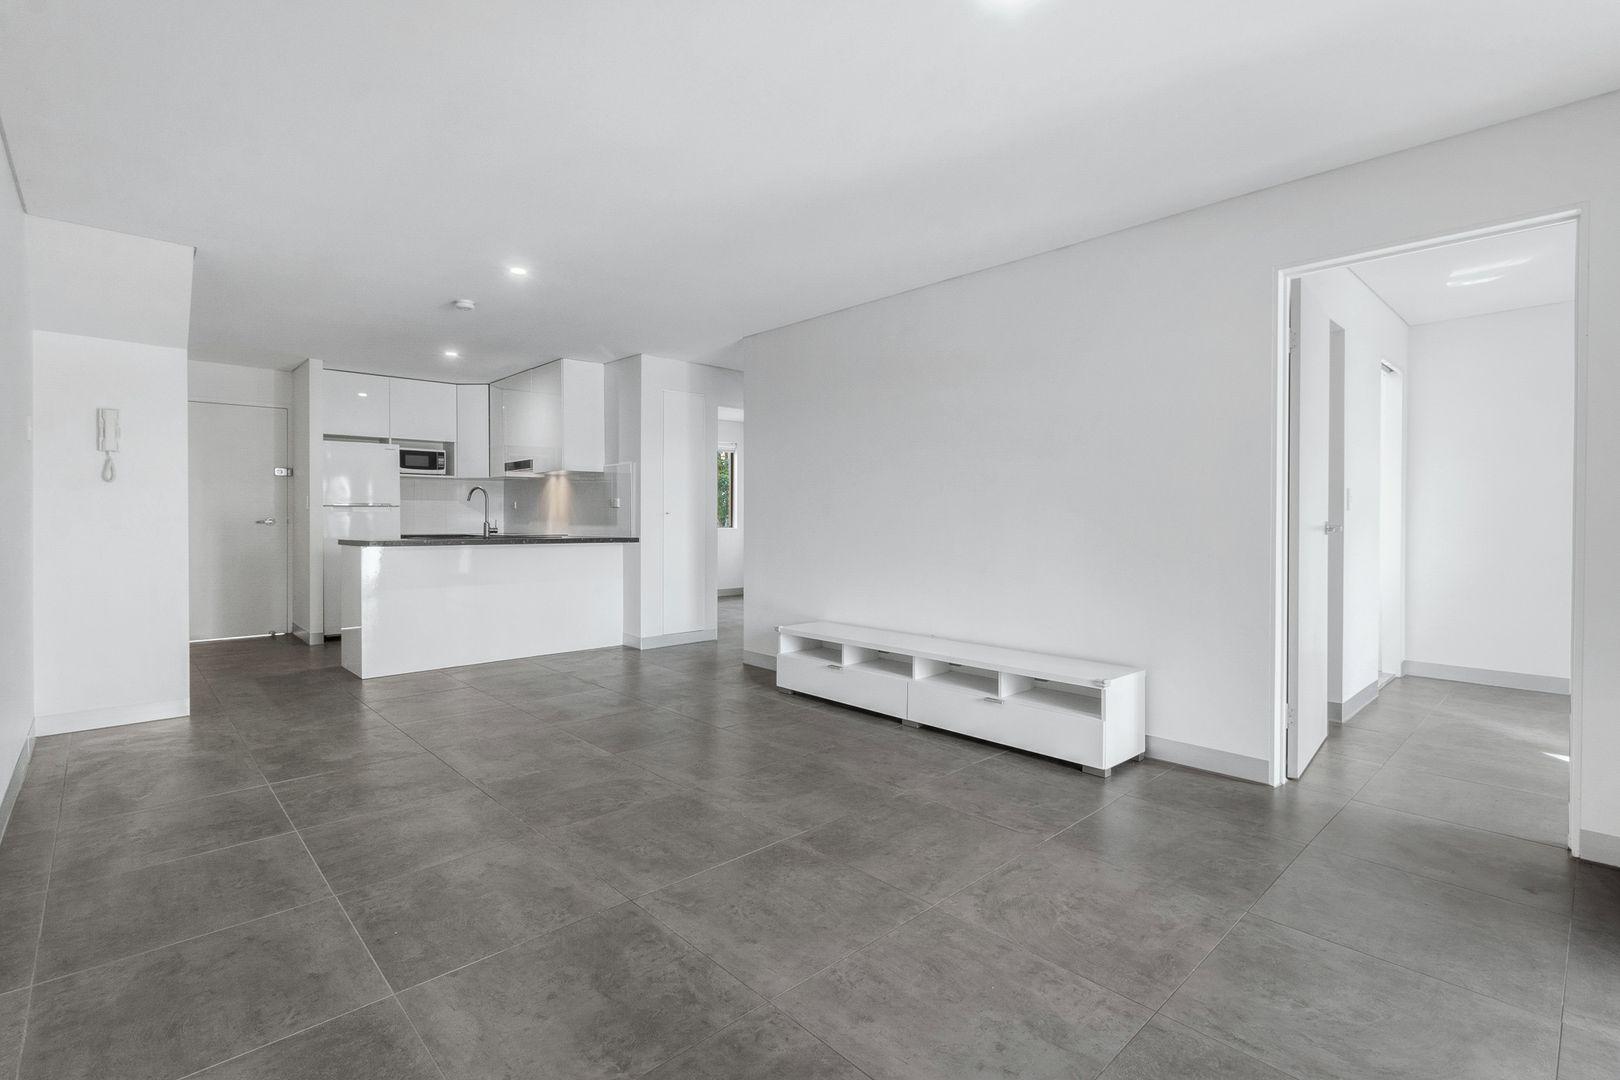 15/31 Glen Road, Toowong QLD 4066, Image 0